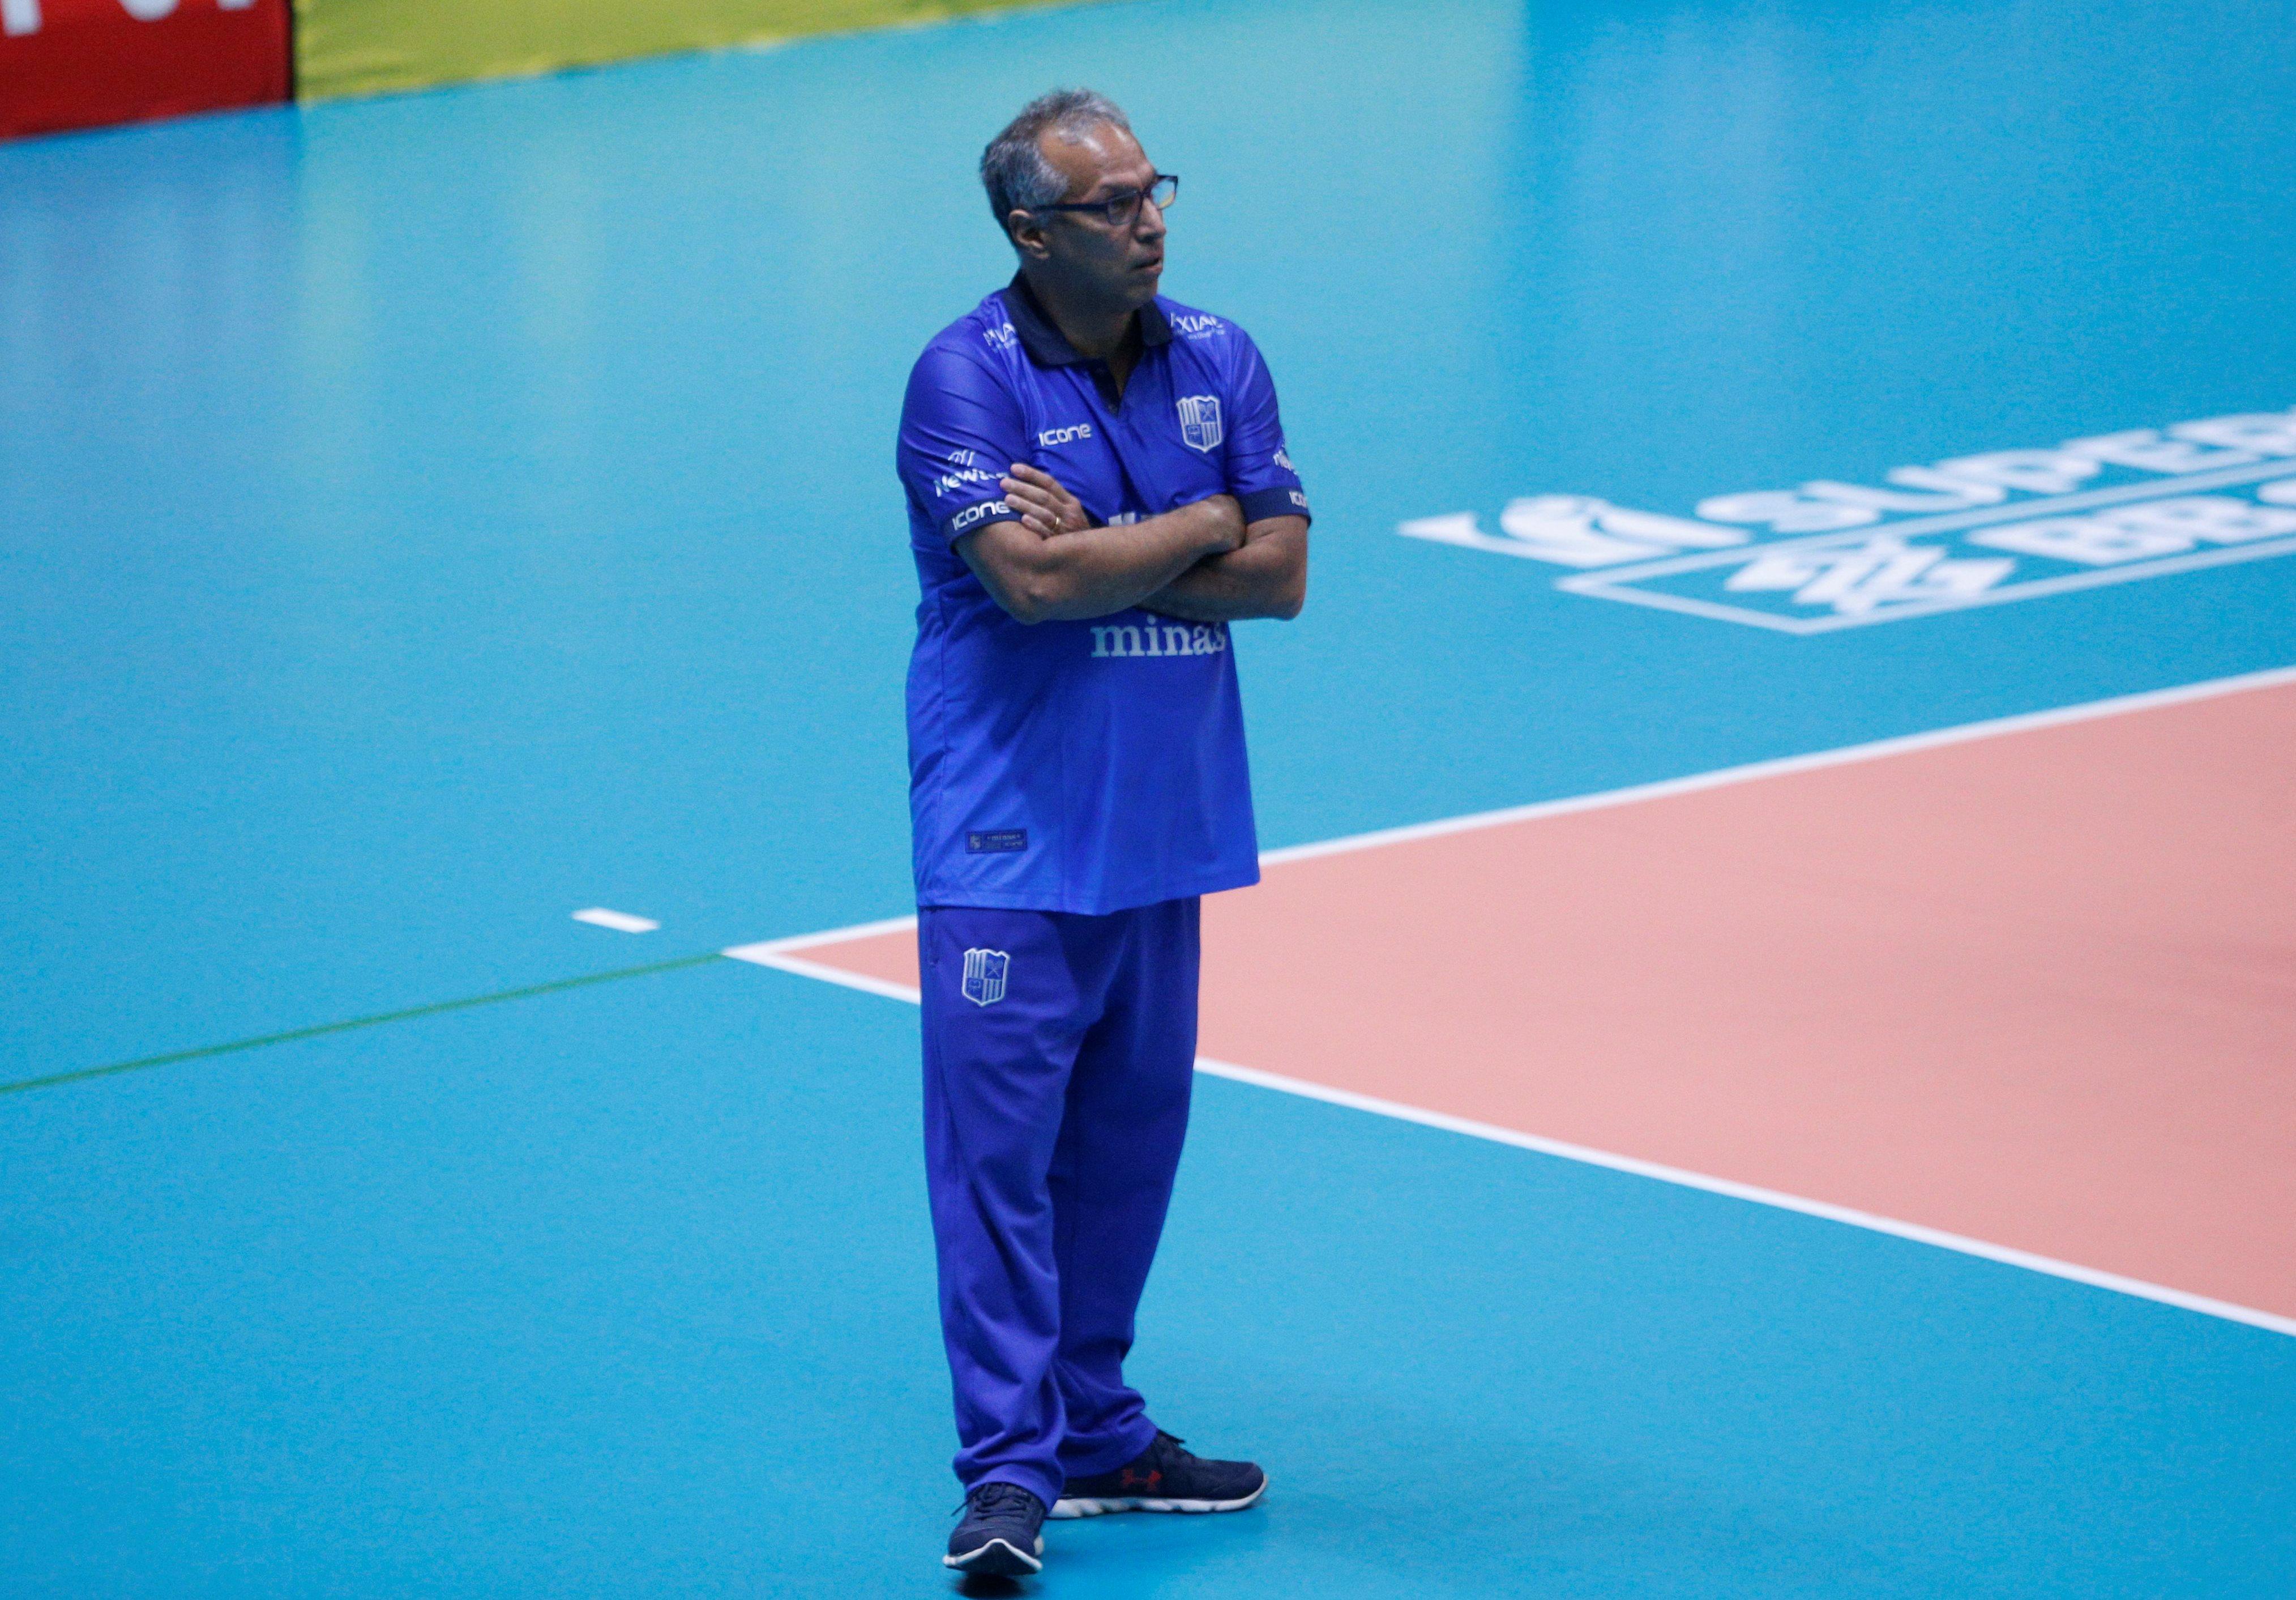 Técnico Nery Tambeiro espera equipe concentrada para as semifinais